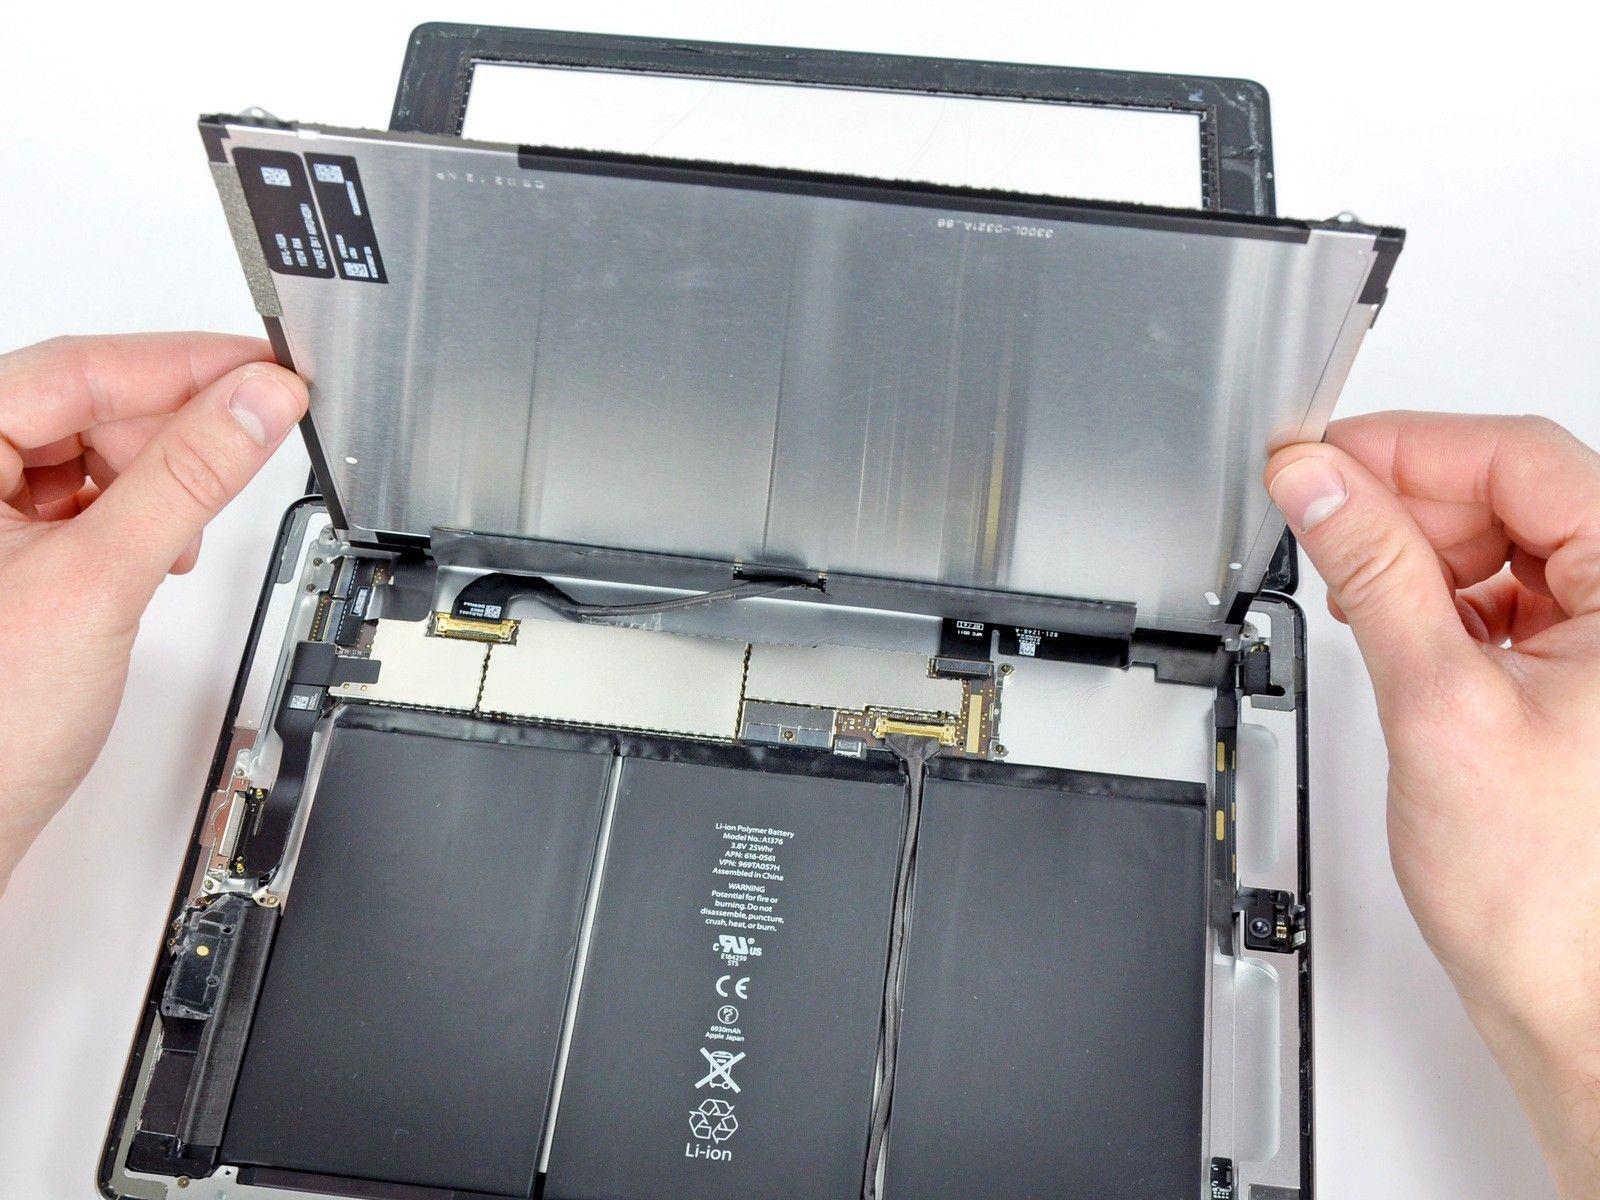 Serwis iPad Szczecin – Zbita szyba w iPad, gdzie naprawić w Szczecinie?